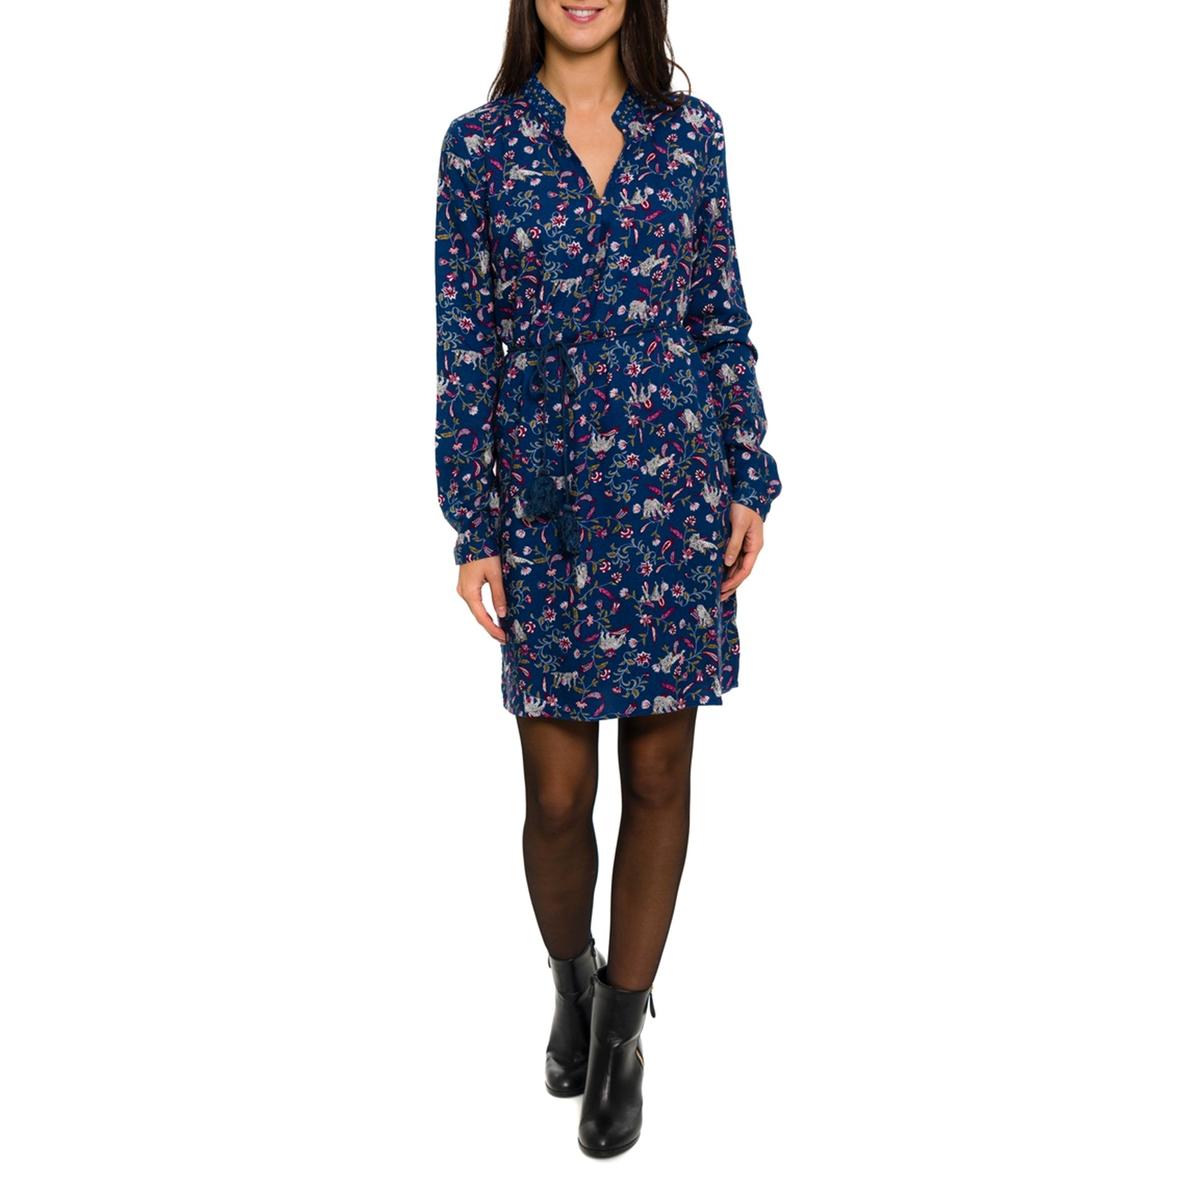 Платье с длинными рукавамиСостав и описание:Материал: 100% вискозы.   Марка: PARAMITA.<br><br>Цвет: синий/цветочный рисунок<br>Размер: XL